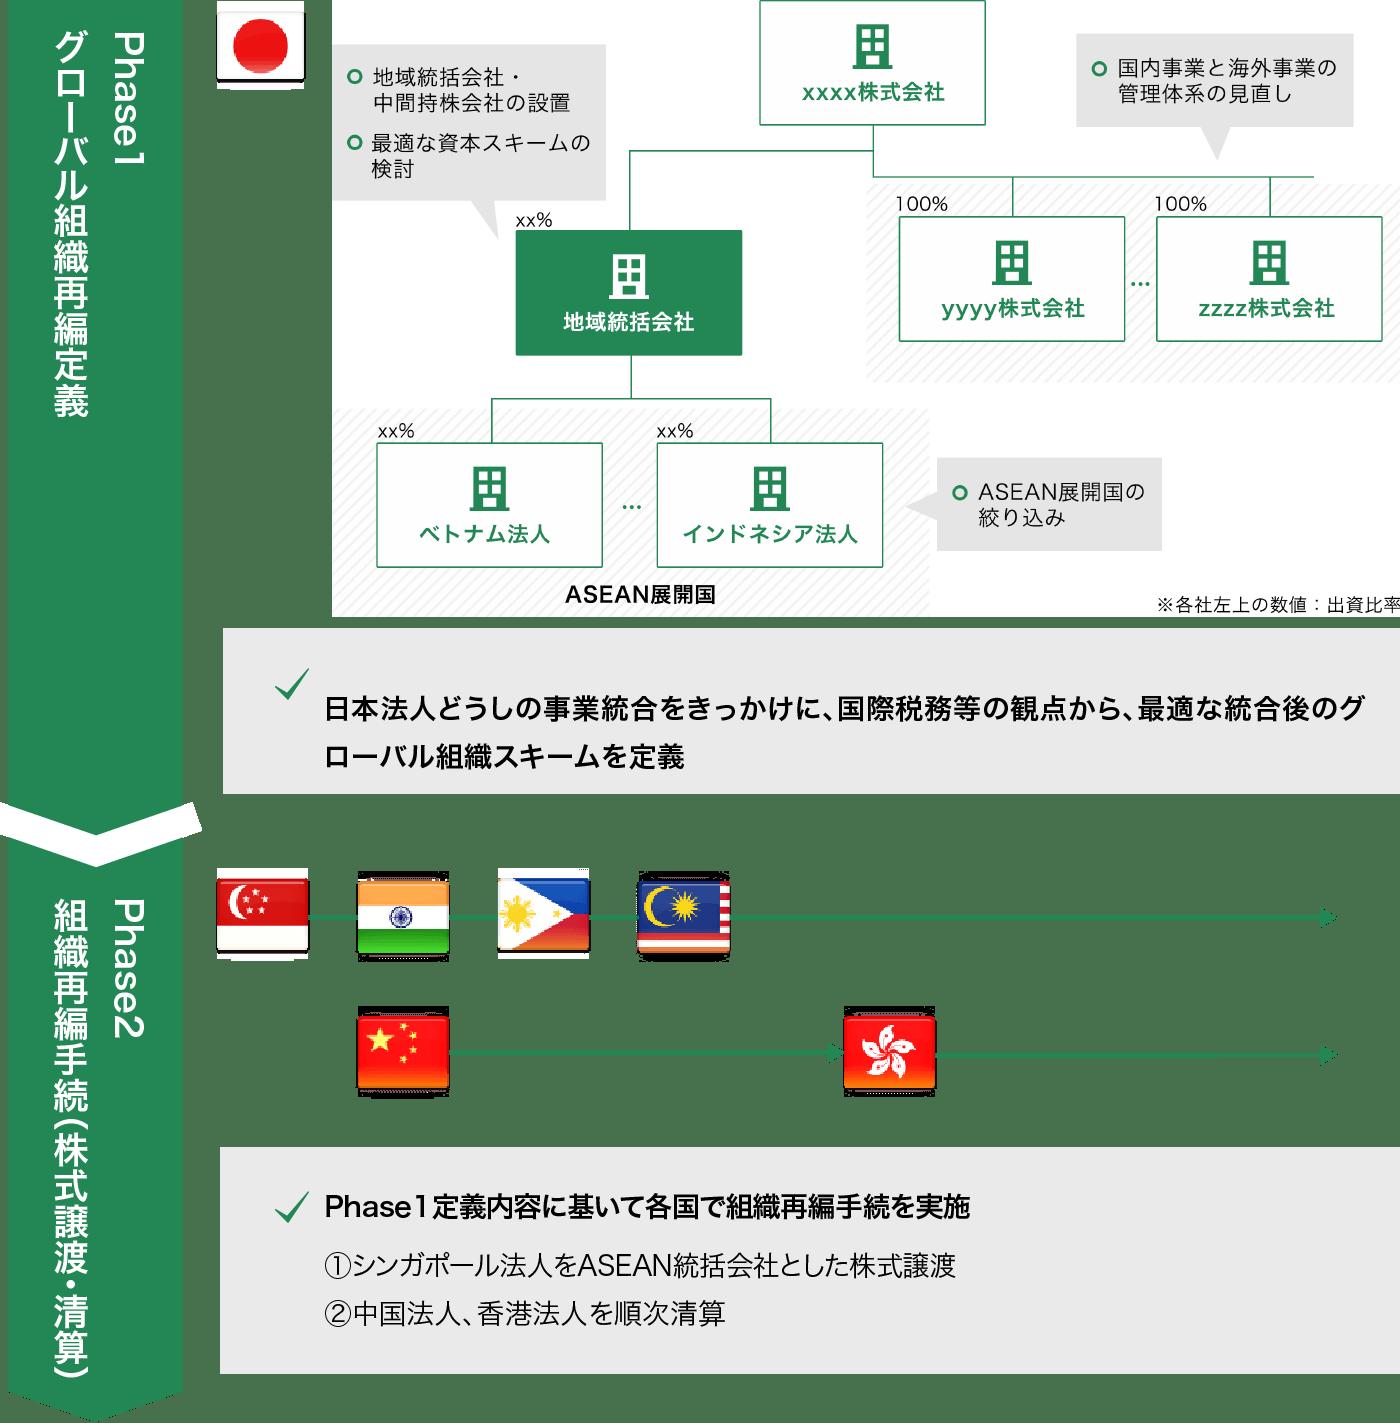 トランザクションアドバイザリー 図2